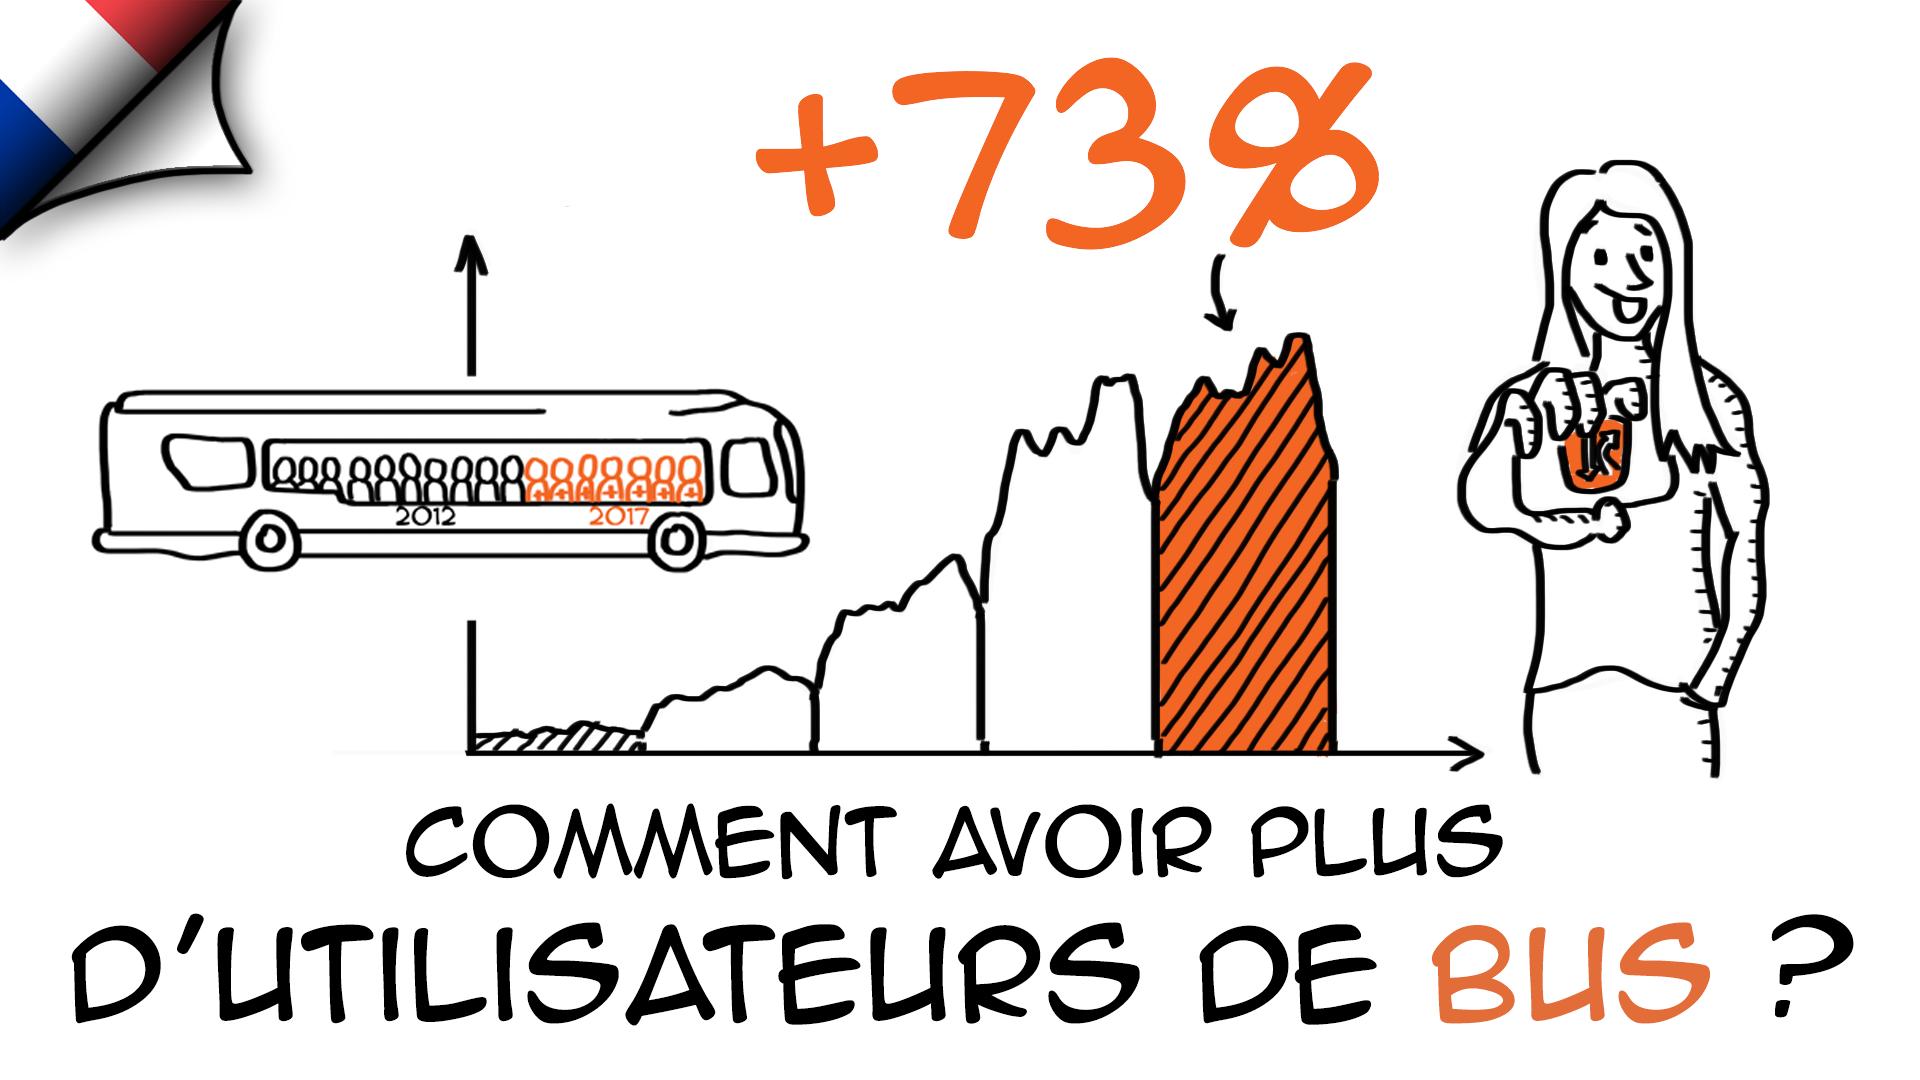 Comment augmenter de 70% la fréquentation des bus dans votre ville ?